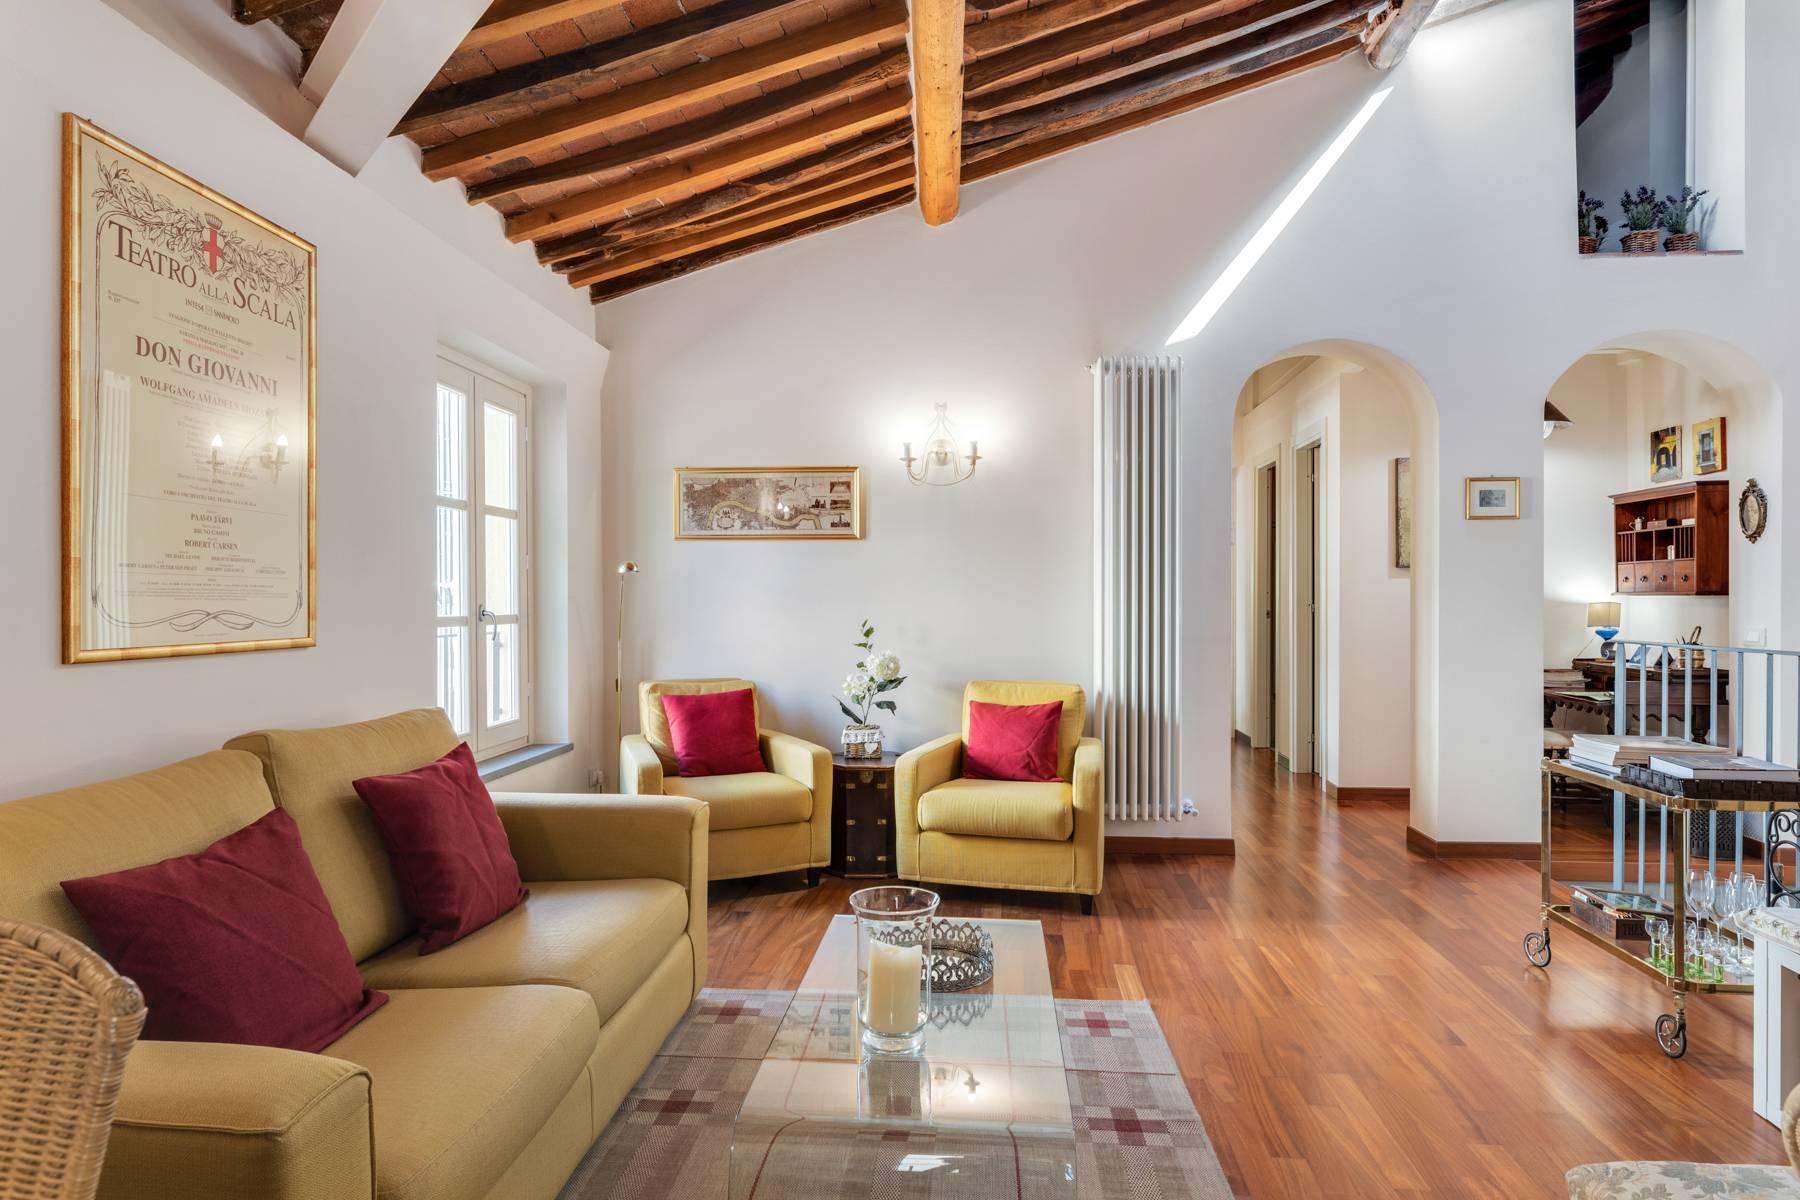 Appartamento in Vendita a Lucca Centro: 4 locali, 120 mq